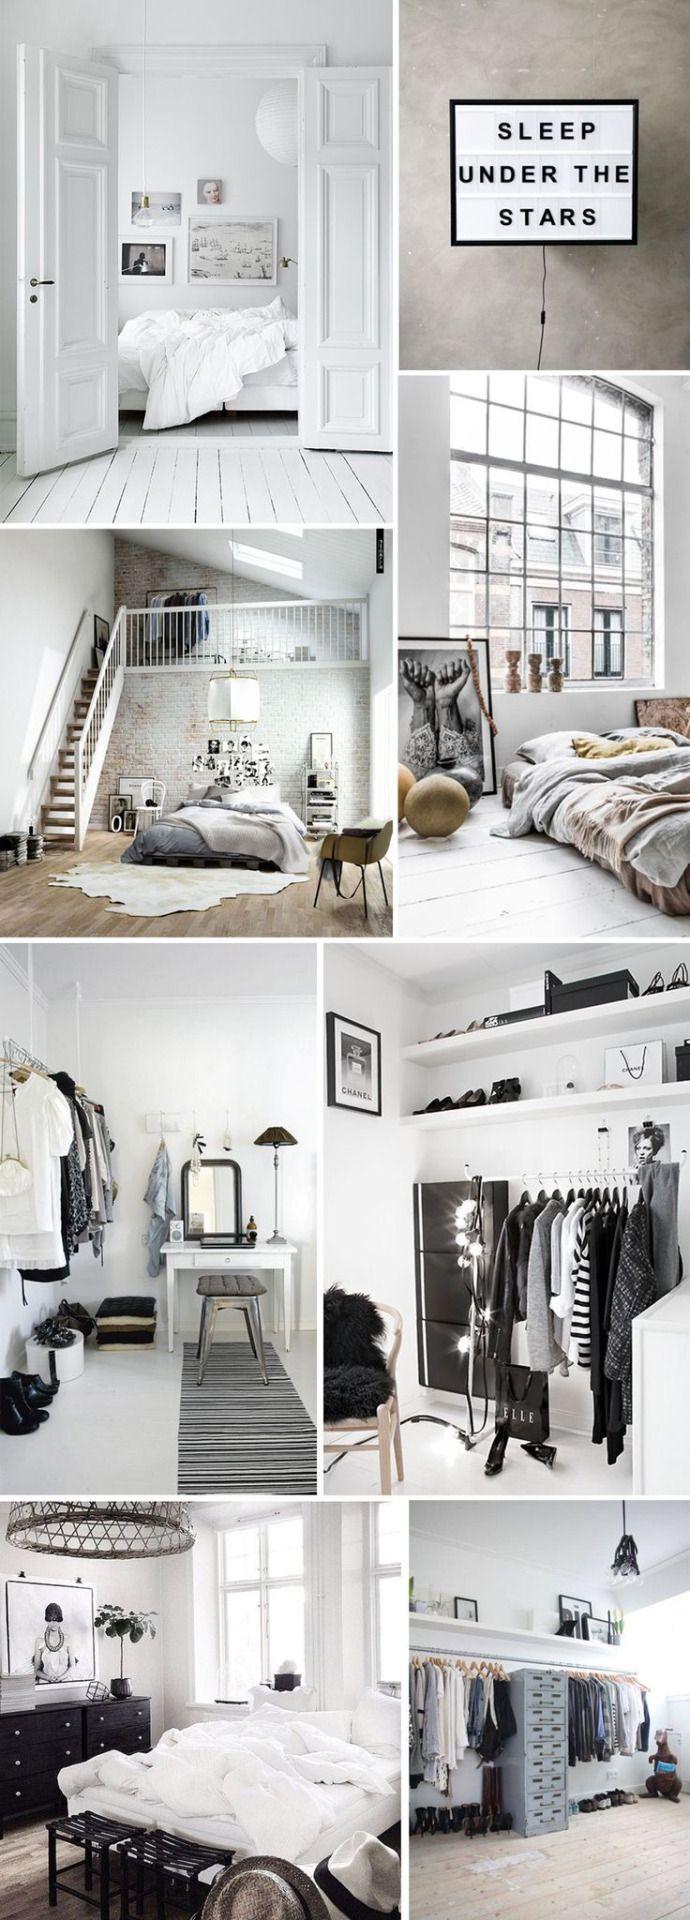 my indie room : Photo